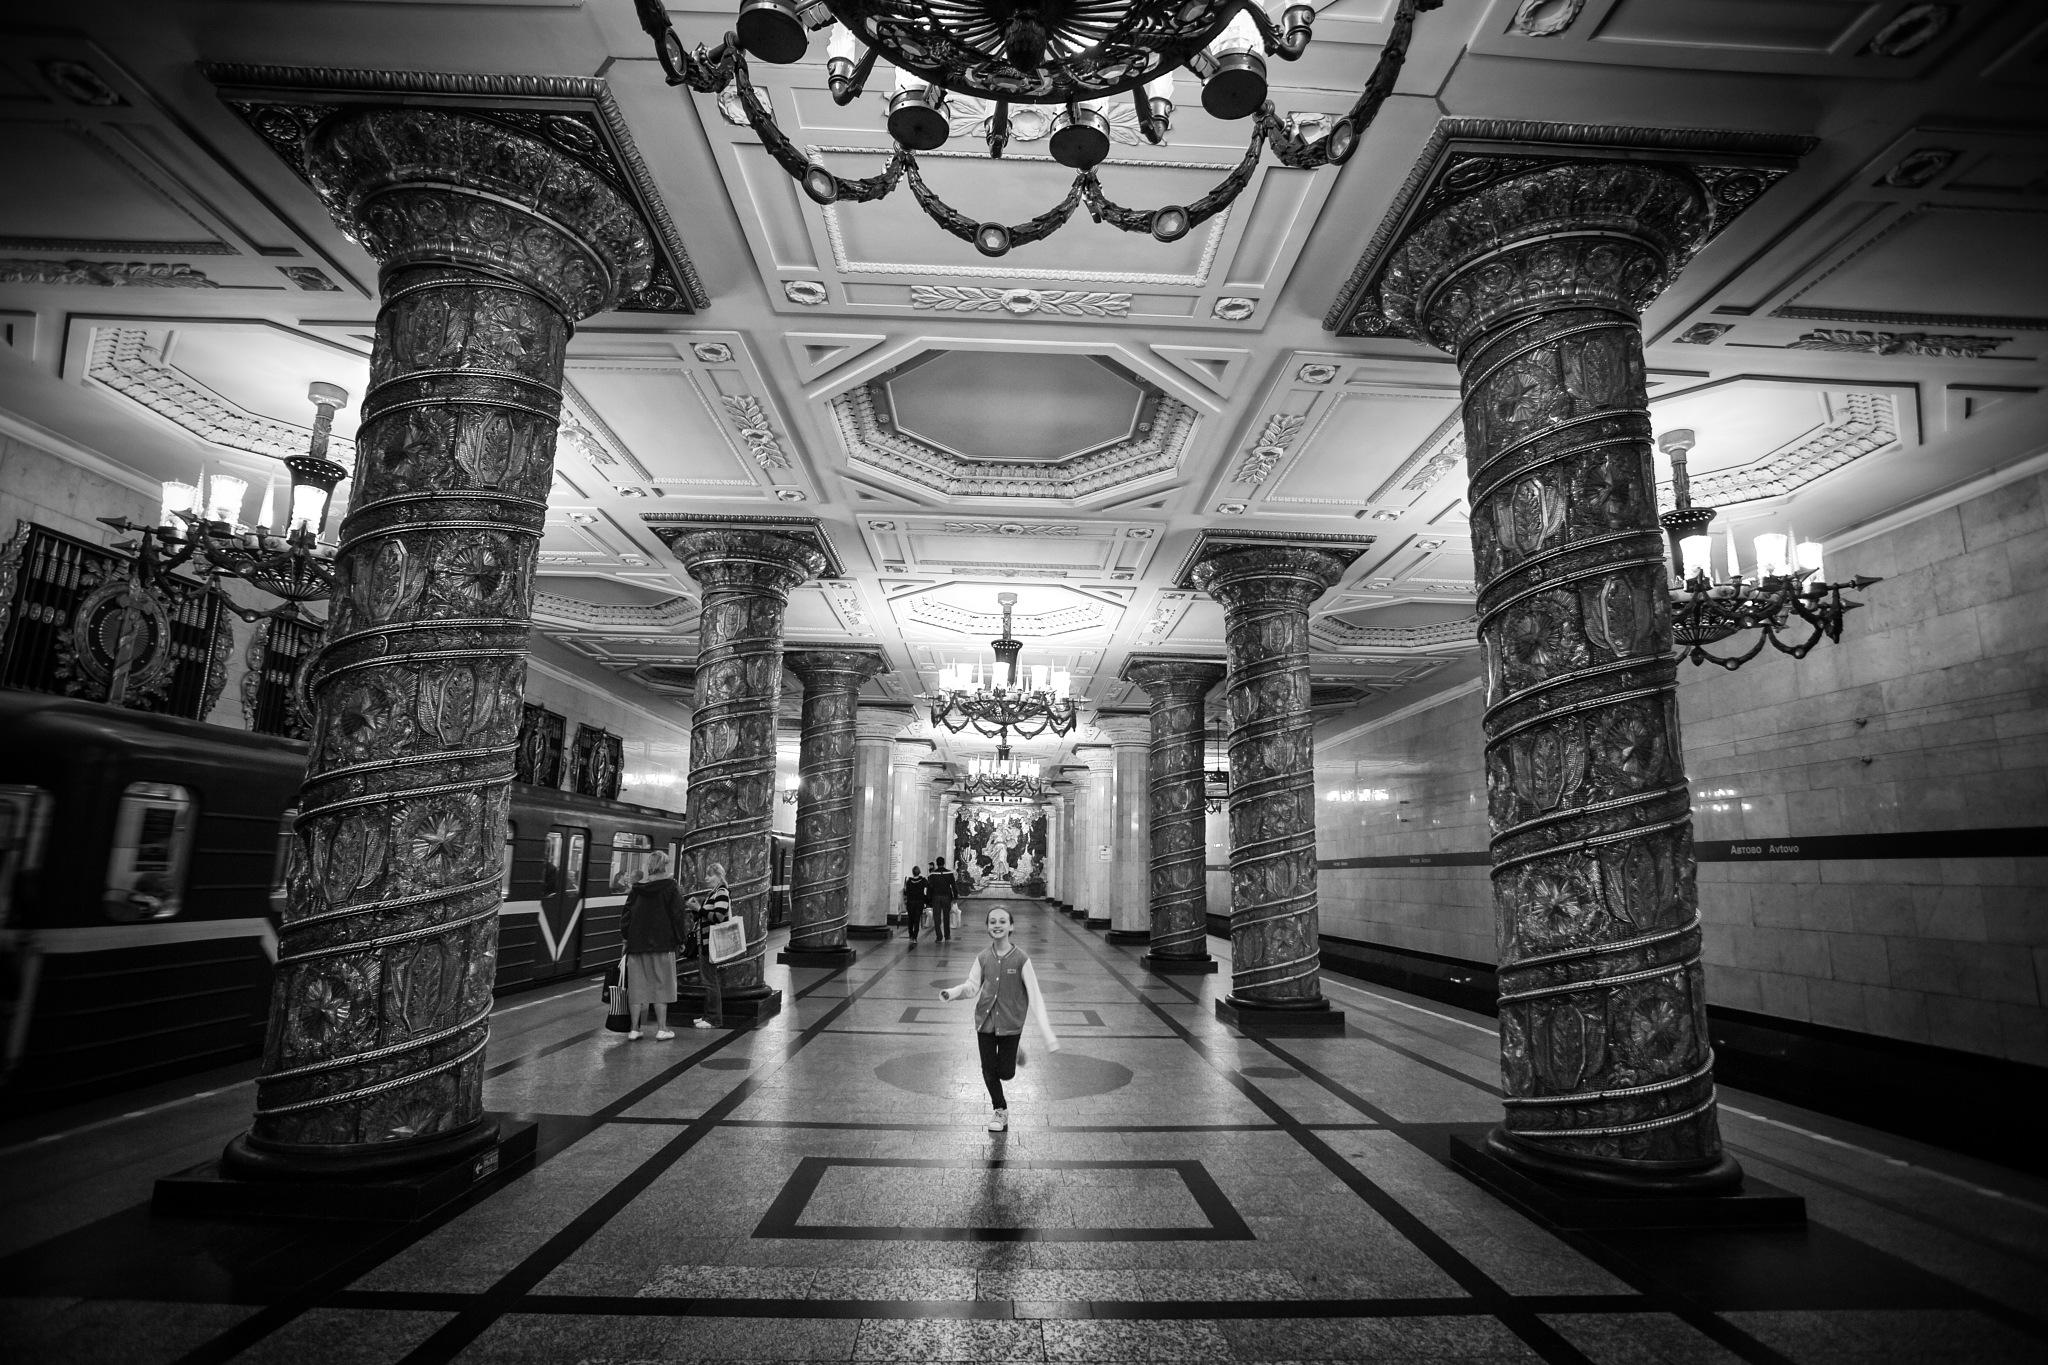 Saint-Petersbourg by LidiaVanhamme